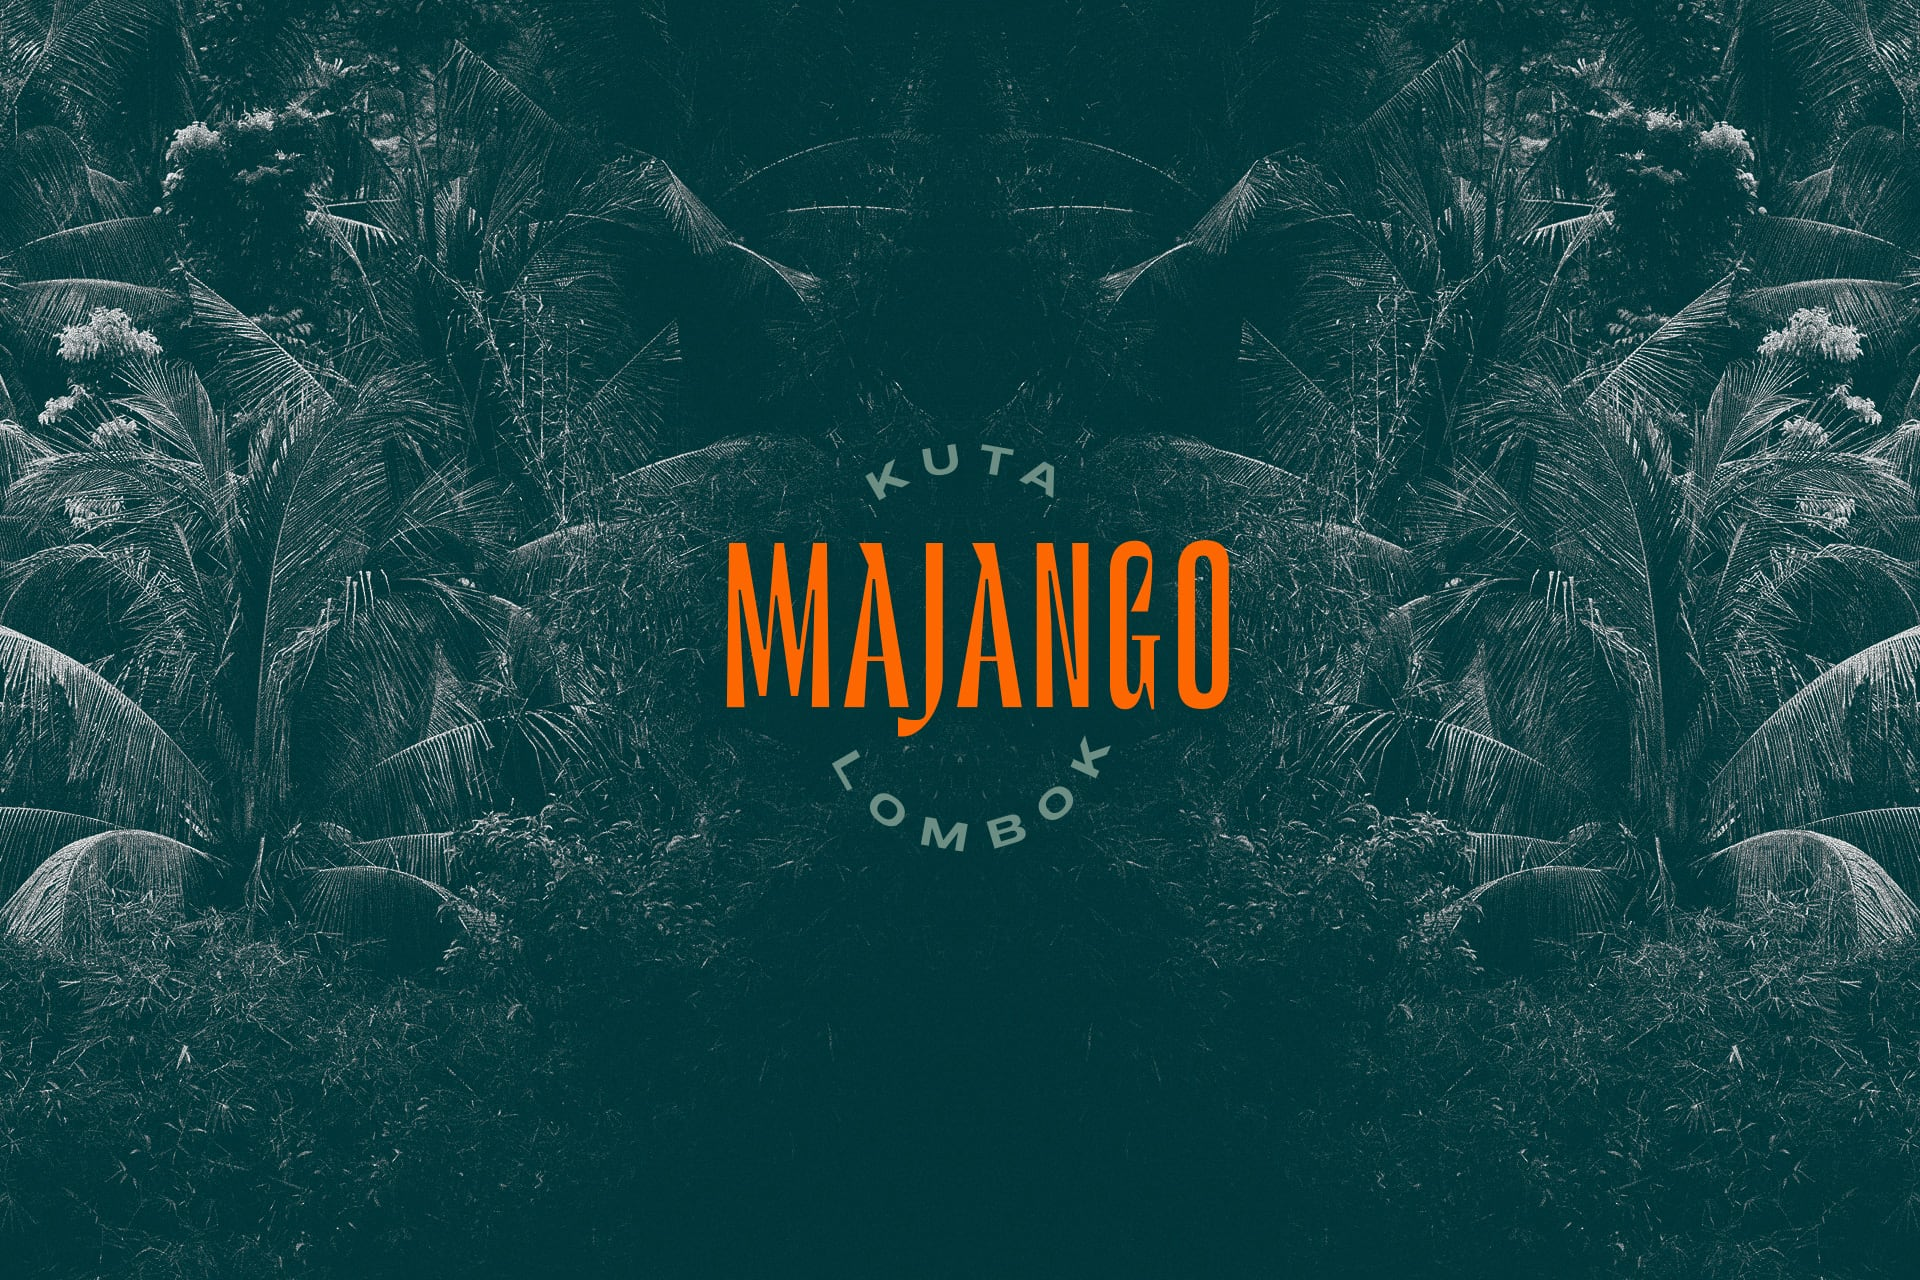 Majango